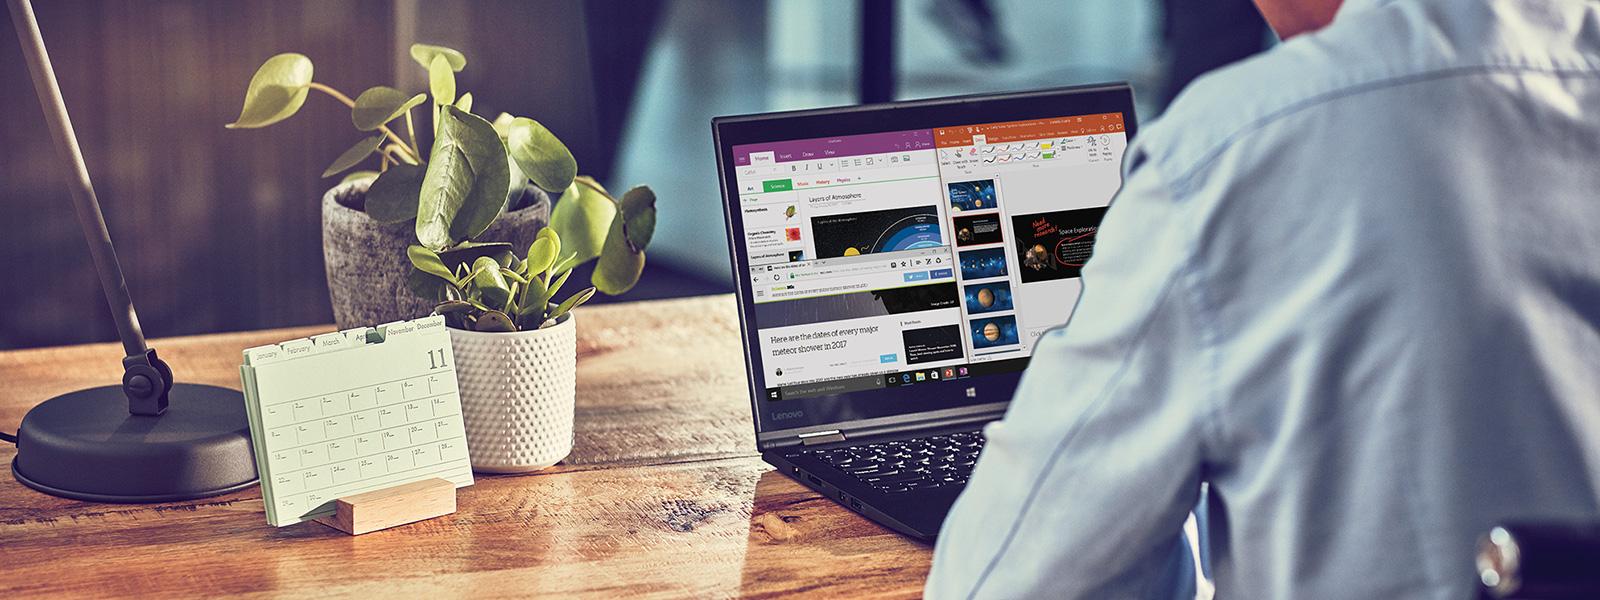 Ein Mann prüft am Schreibtisch verschiedene Anwendungen auf einem Laptop